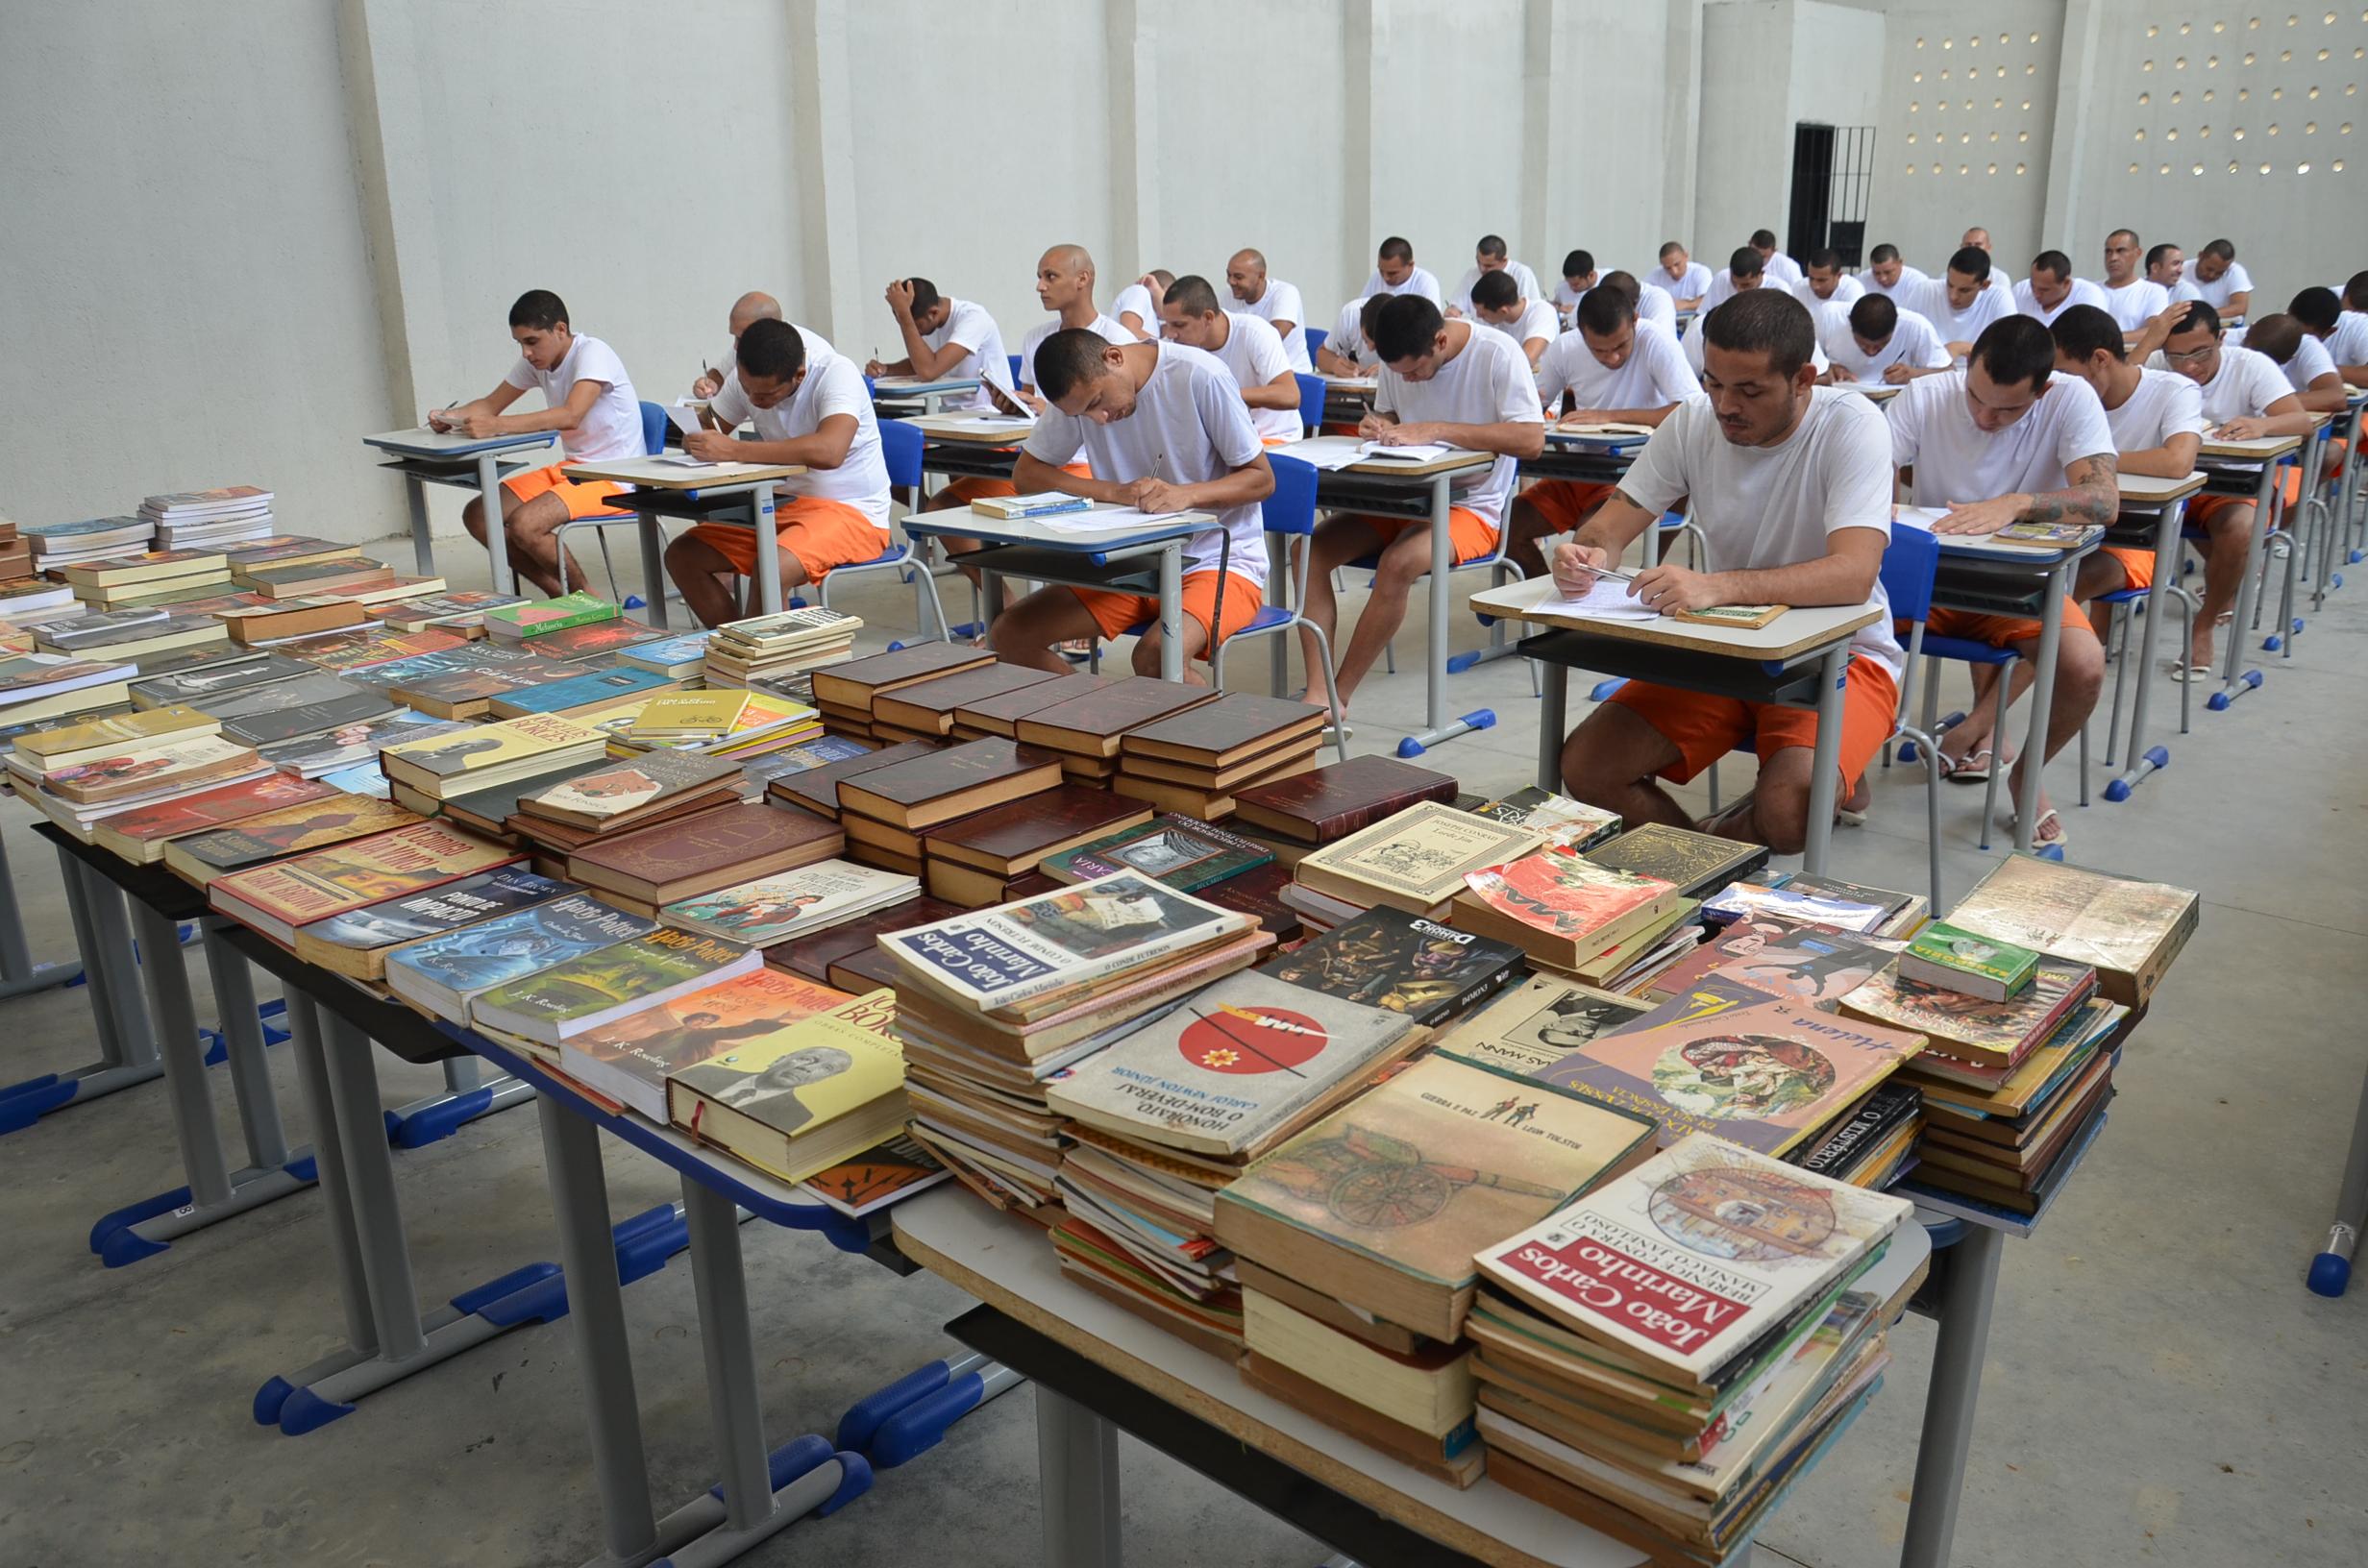 Projeto Livro Aberto em unidade prisional do Ceará